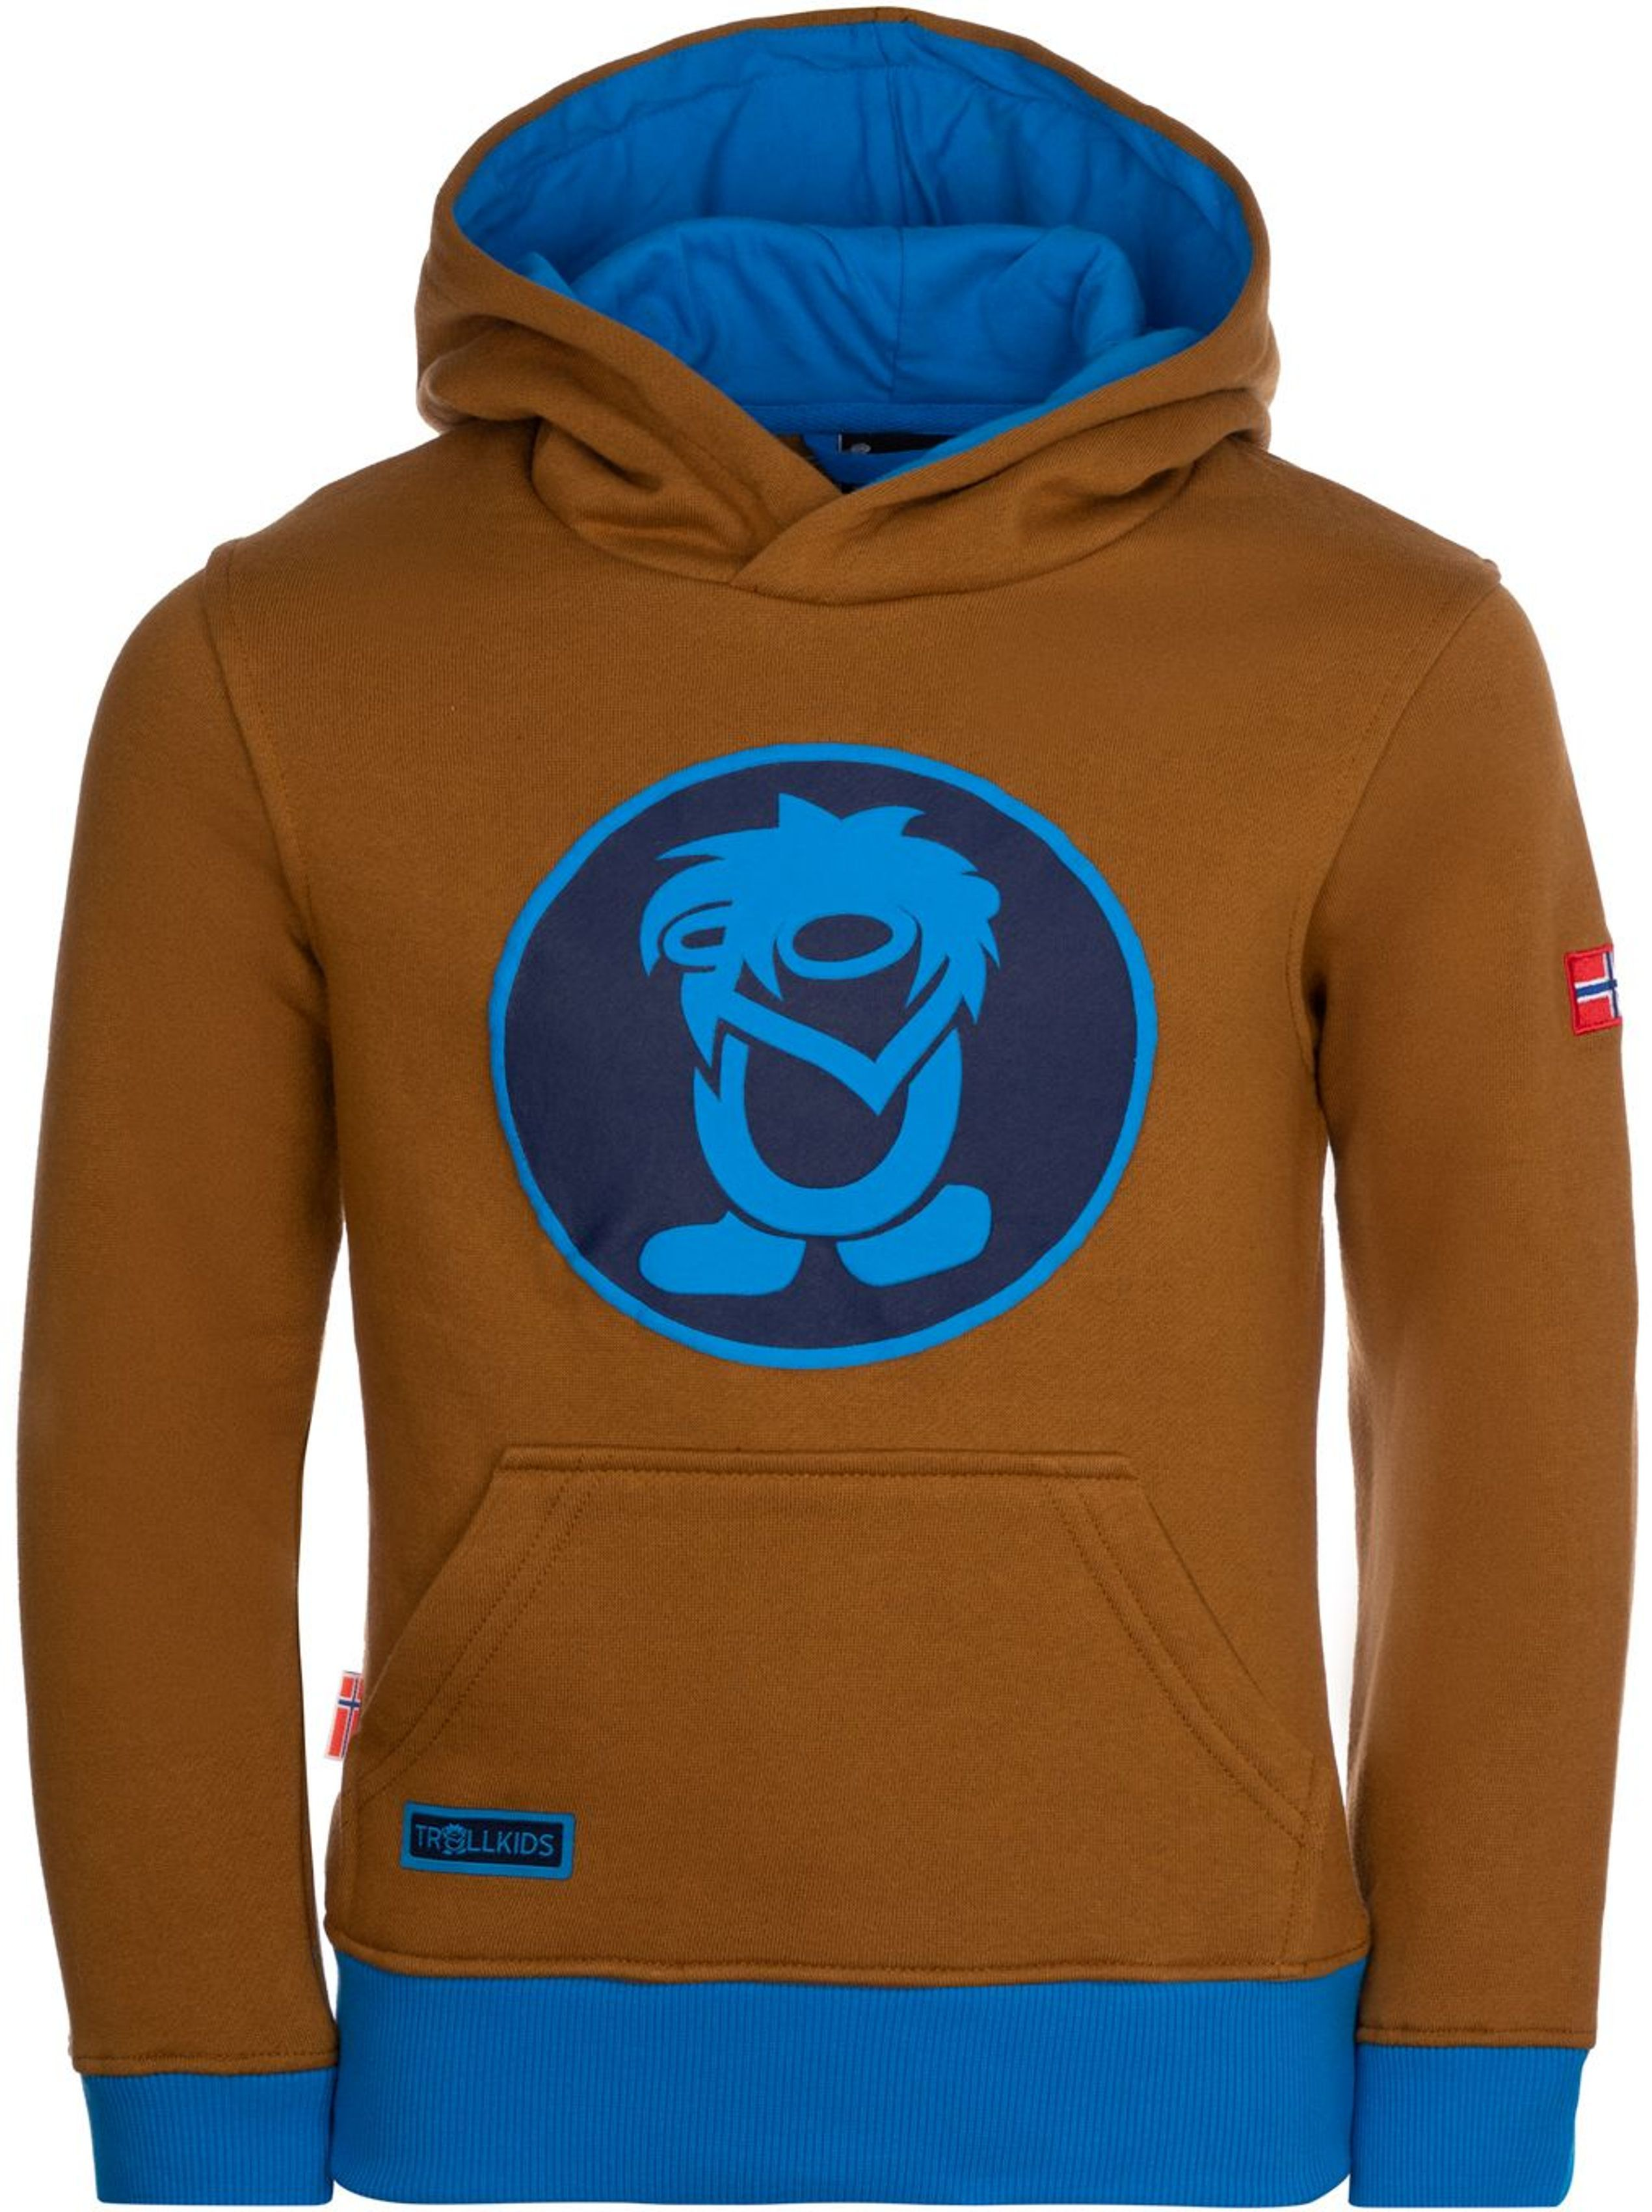 Trollkids Troll Sweater Bronze/Azure Blue